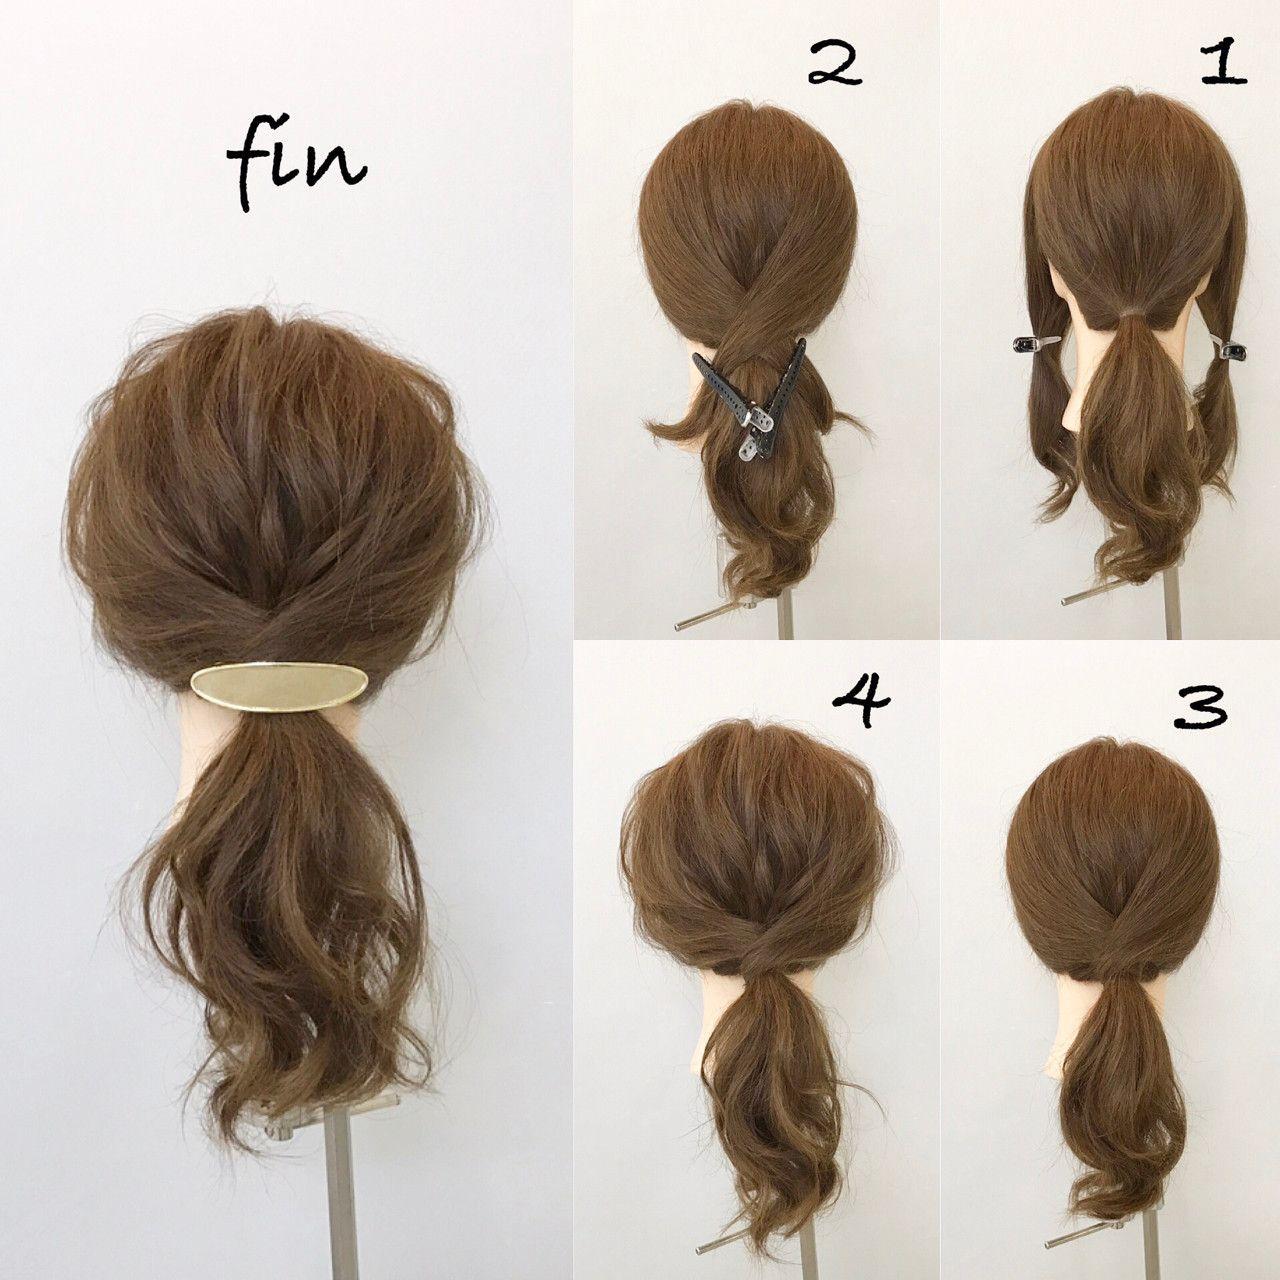 簡単こなれポニーのやり方 1 サイドの髪を残してポニーテールを作ります 2 サイドの髪をクロスさせて 3 1のポニーテールの後ろで留めます 4全体的に崩します ヘアアクセをつけて完成です ちょっと変化を加えただけのポニーテールでこなれた感じを